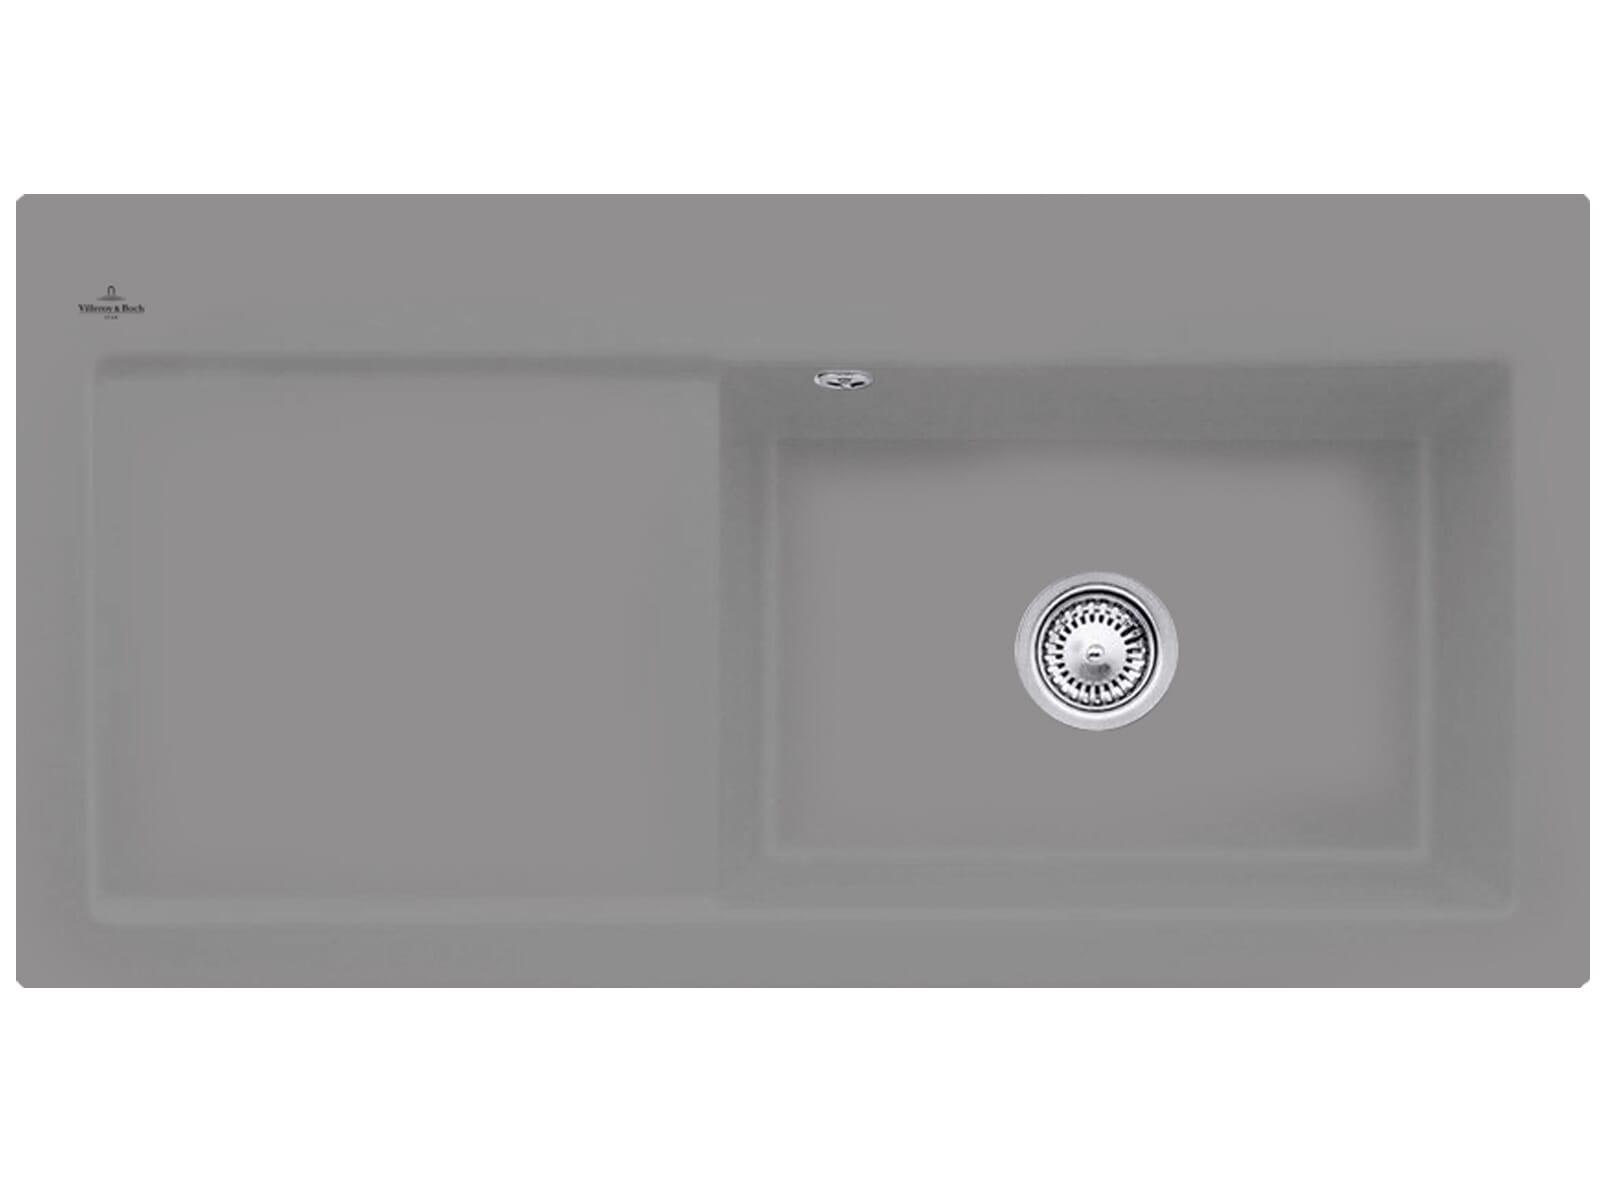 Villeroy & Boch Subway 60 XL Stone - 6719 01 SL Keramikspüle Handbetätigung